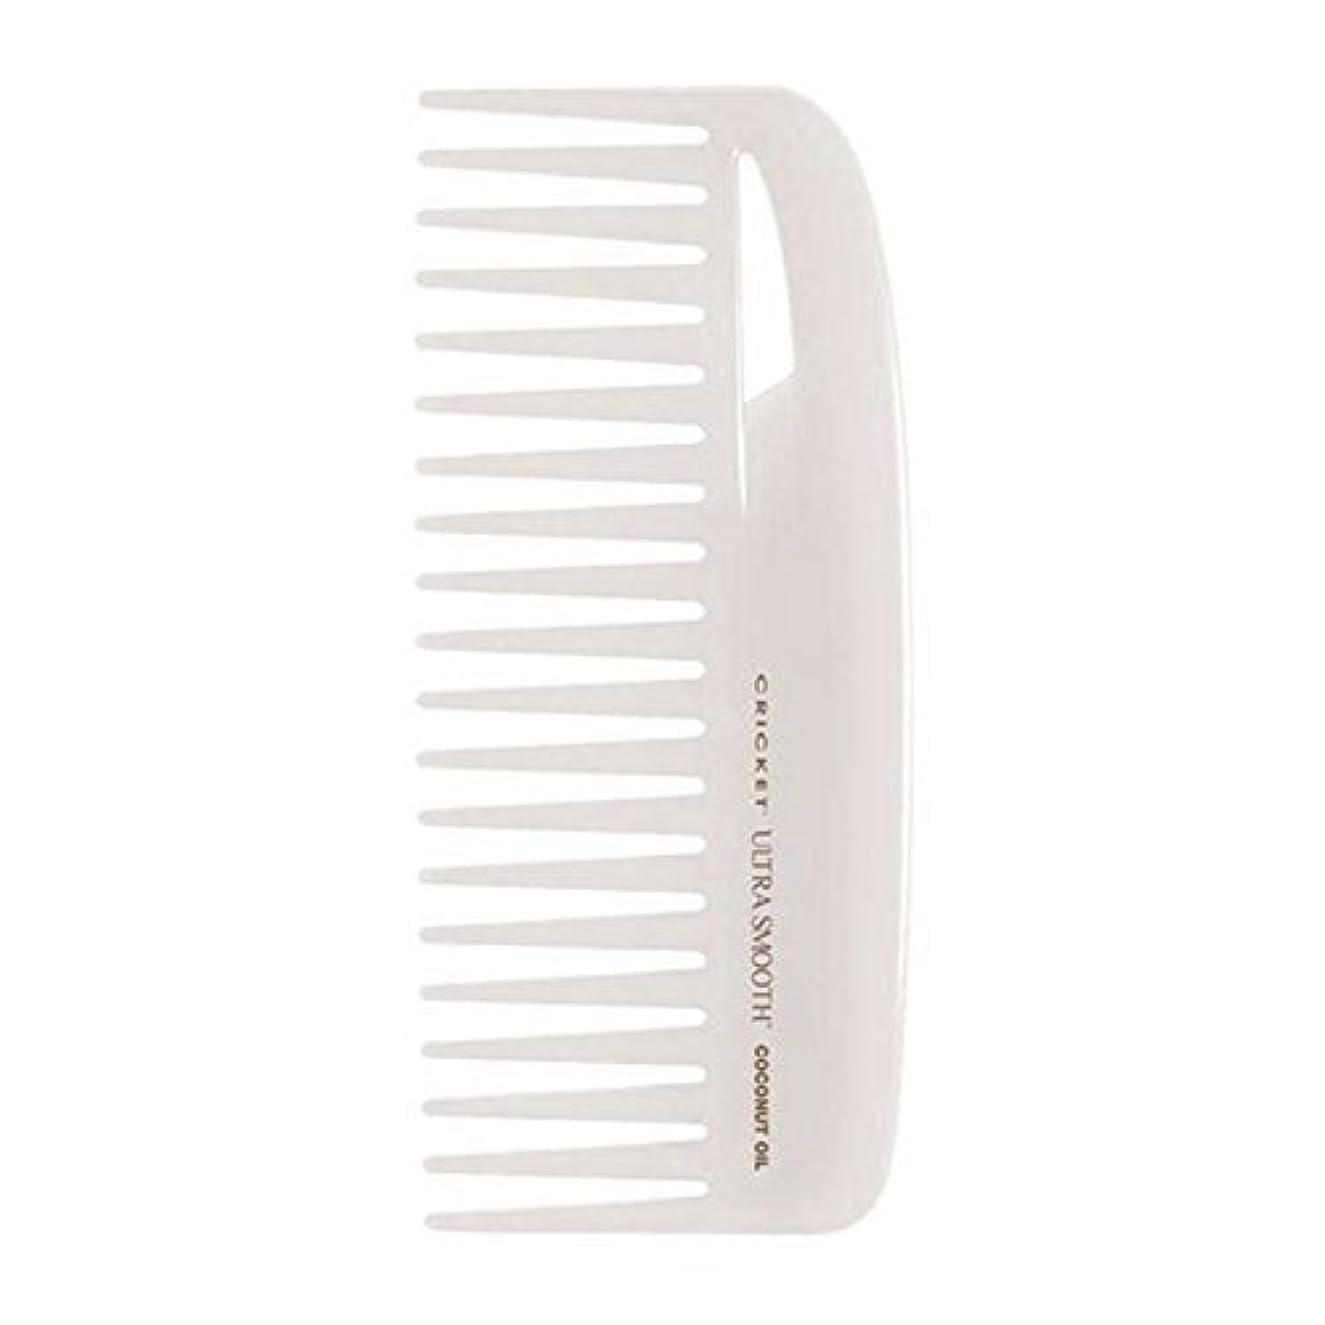 カポックランダムコーラスCricket Ultra Smooth Coconut Conditioning Comb, 1 Count [並行輸入品]